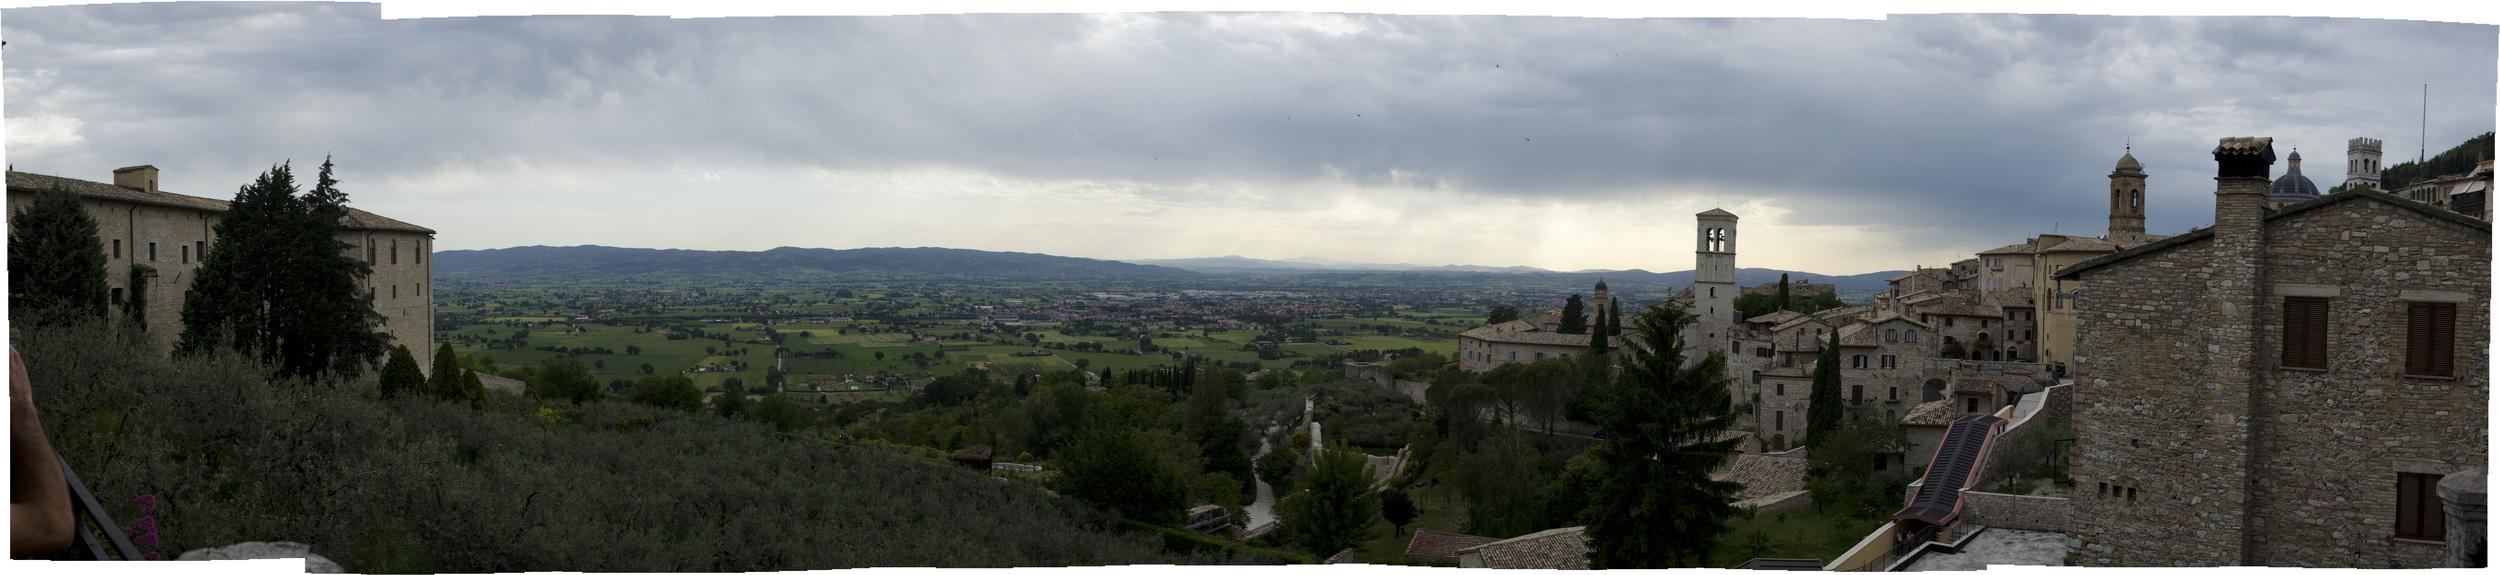 Assisi_Panorama4.jpg